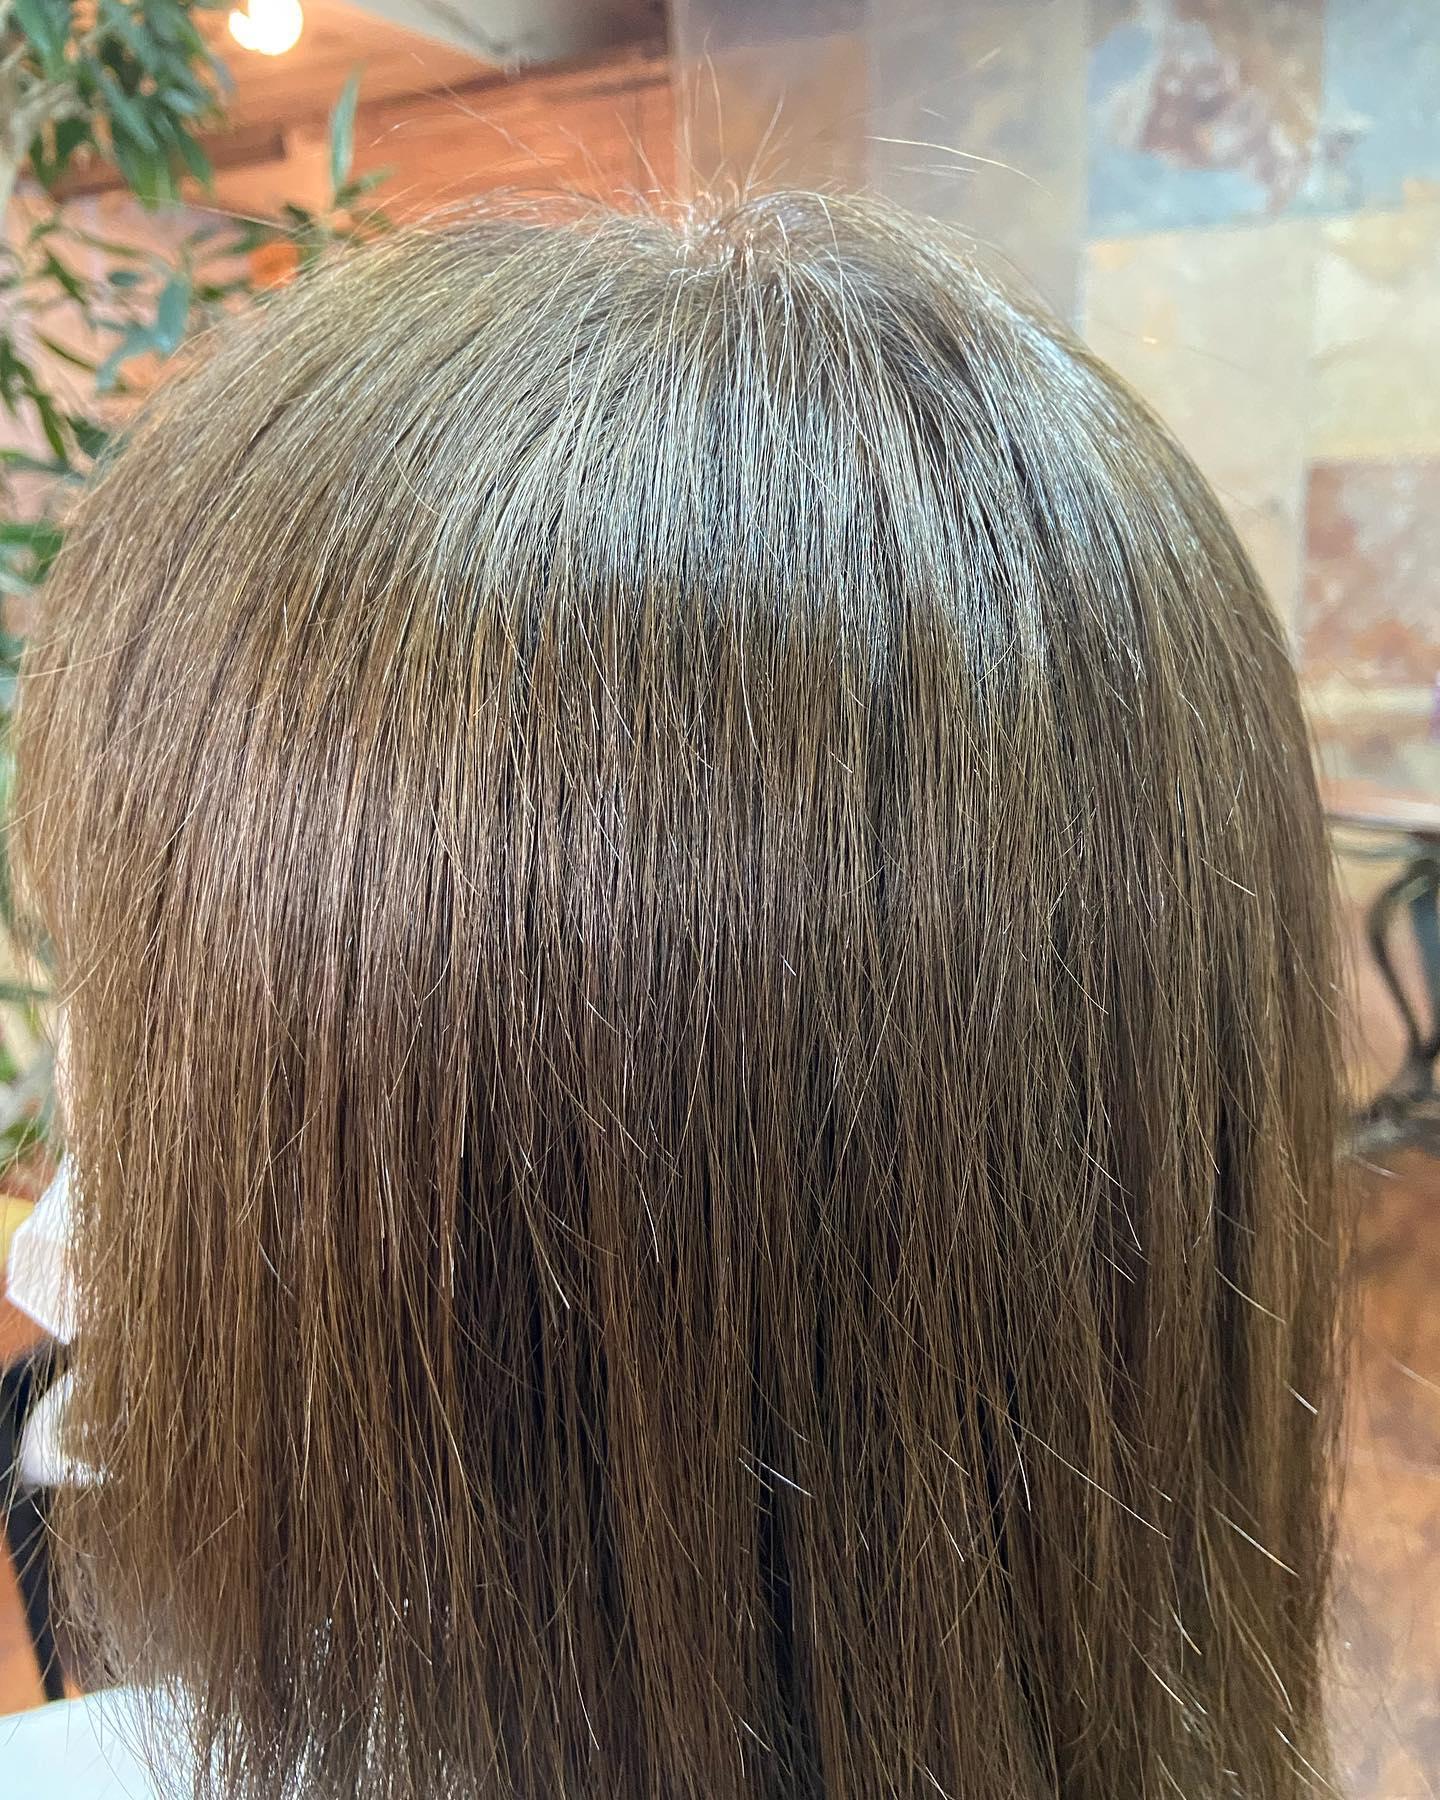 白髪染めカラー♪今回は明るめのブラウンをいれてナチュラルに仕上げました!カラーモデル募集中ですのでミニモからぜひご予約よろしくお願いしたします🏻♂️アシスタント 関口#宇都宮#美容室#宇都宮美容室#駅東#mayquark#メイクォーク#カット#カラー#カラーモデル#白髪染め#おしゃれ染め#ミニモ